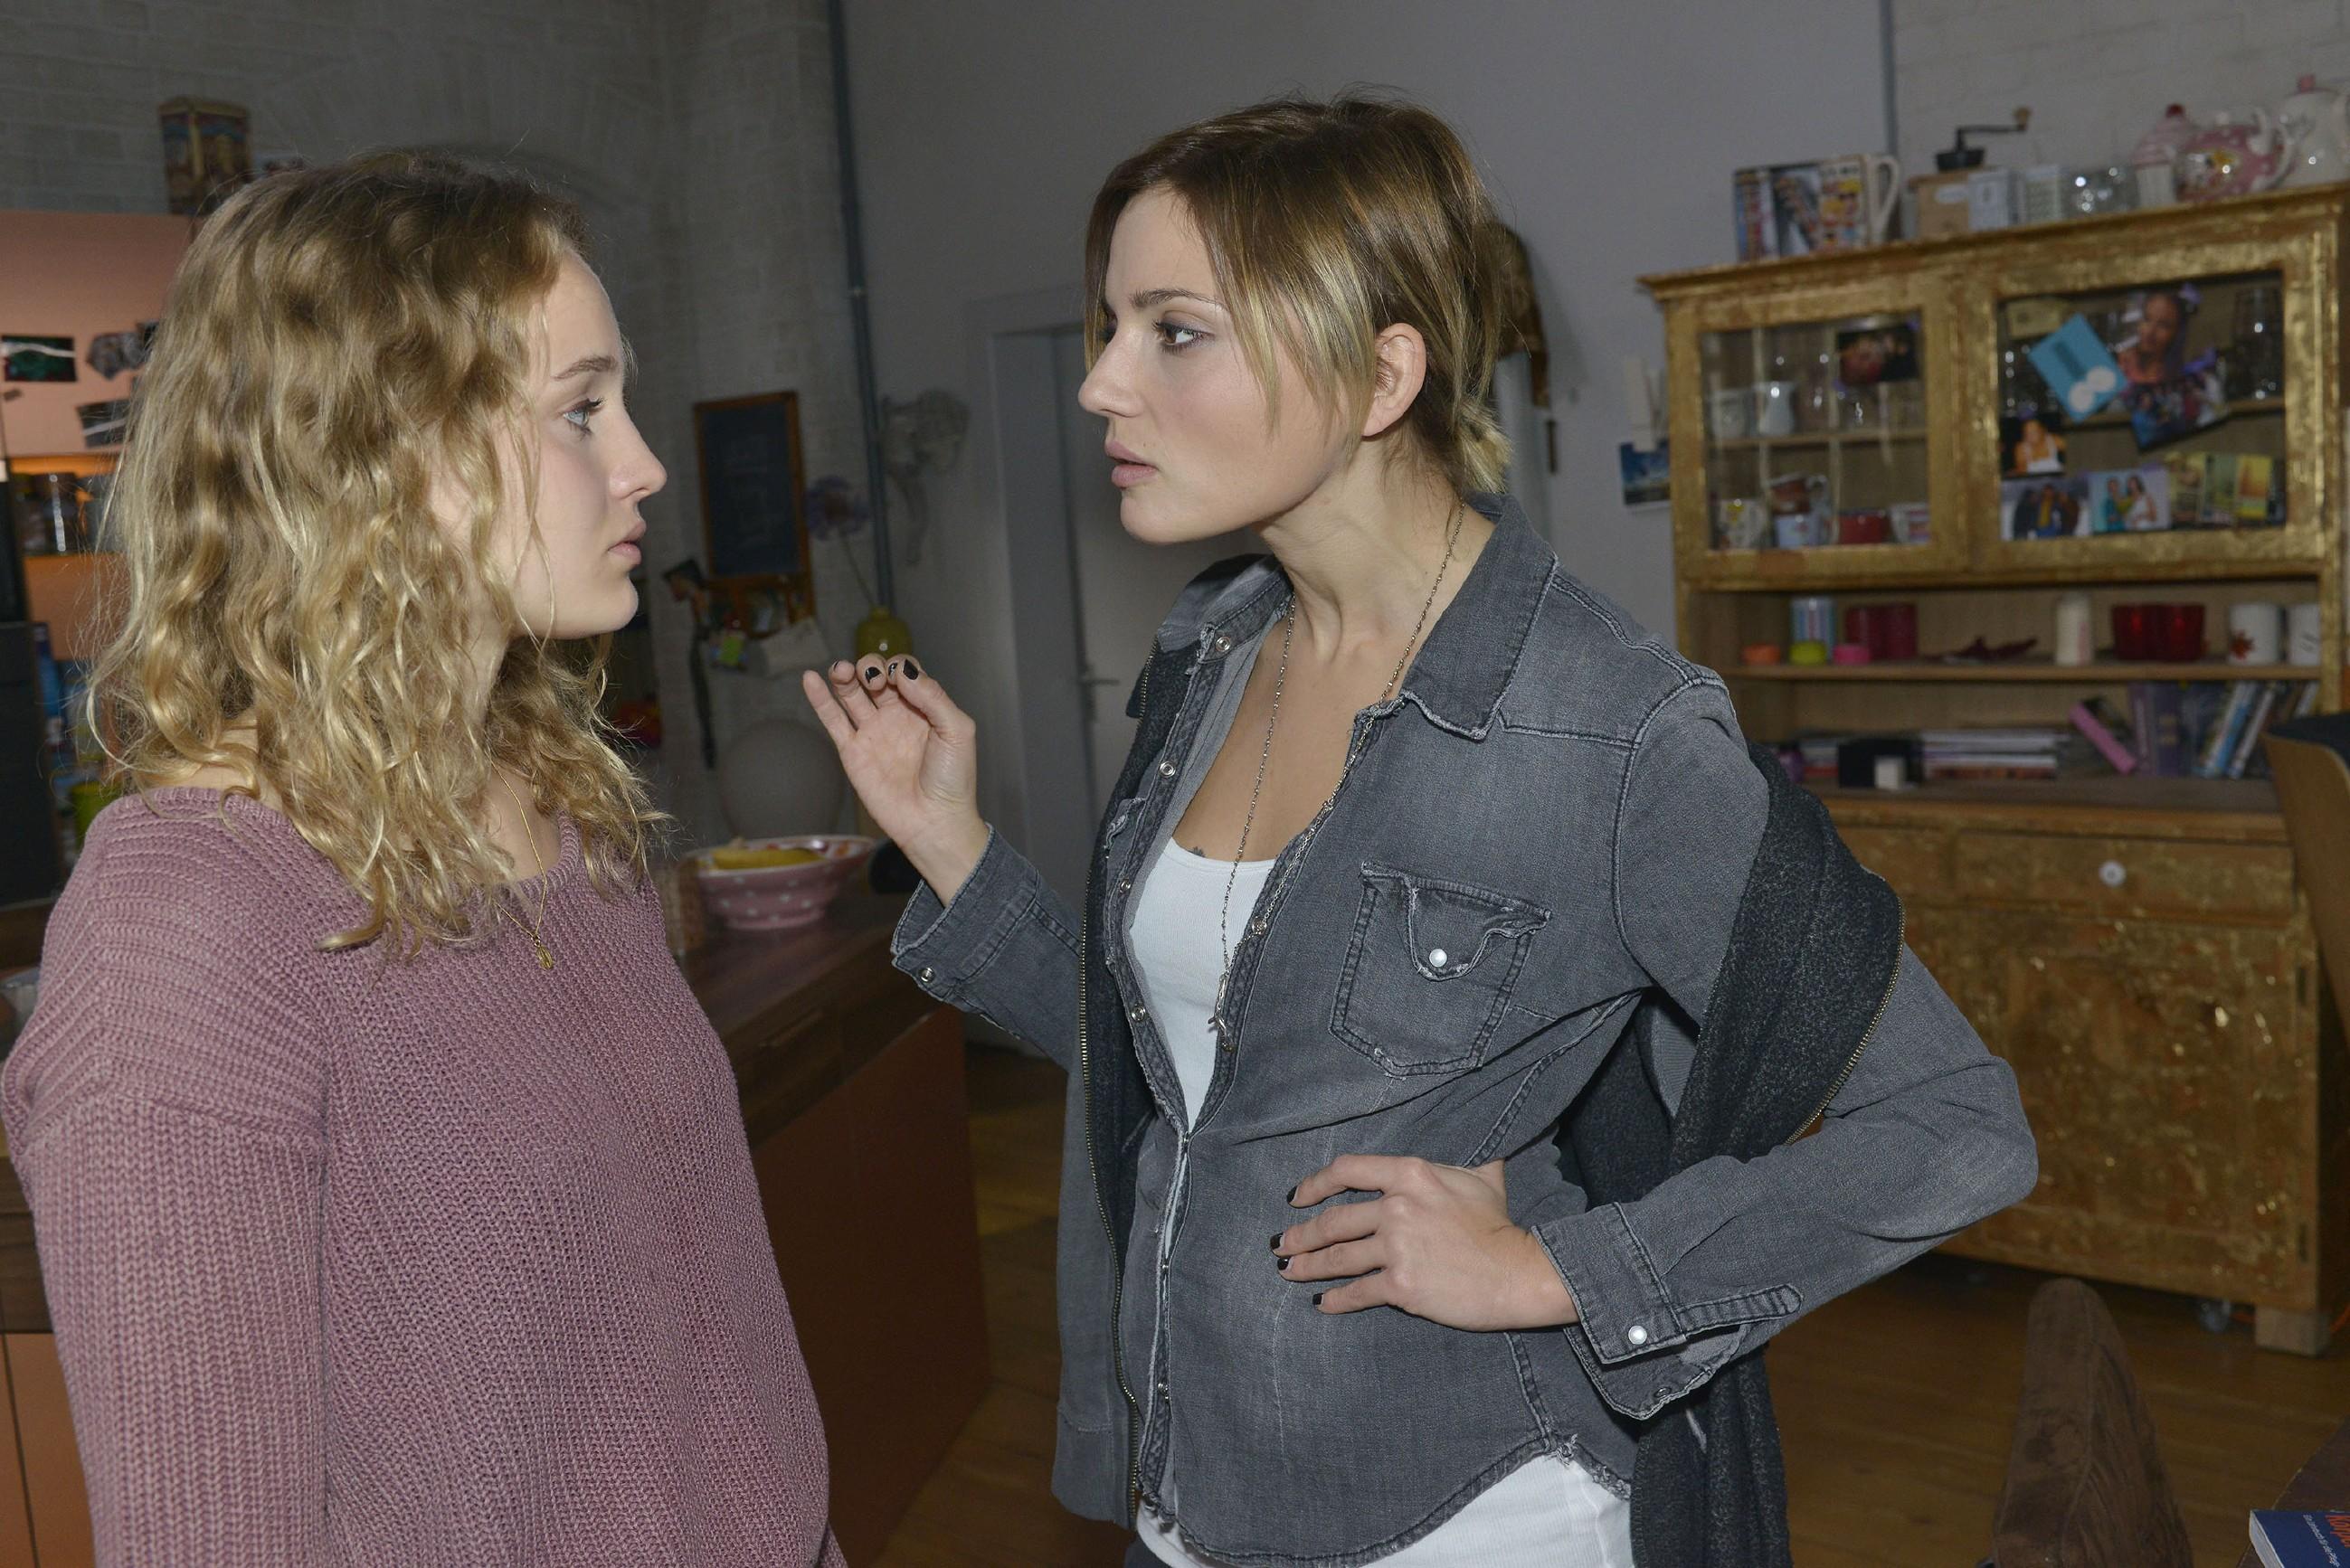 Nachdem Anni (Linda Marlen Runge, r.) Jule (Luise von Finckh) in ihrem Zimmer erwischt hat, kommt es zum Streit zwischen den beiden... (Quelle: RTL / Rolf Baumgartner)